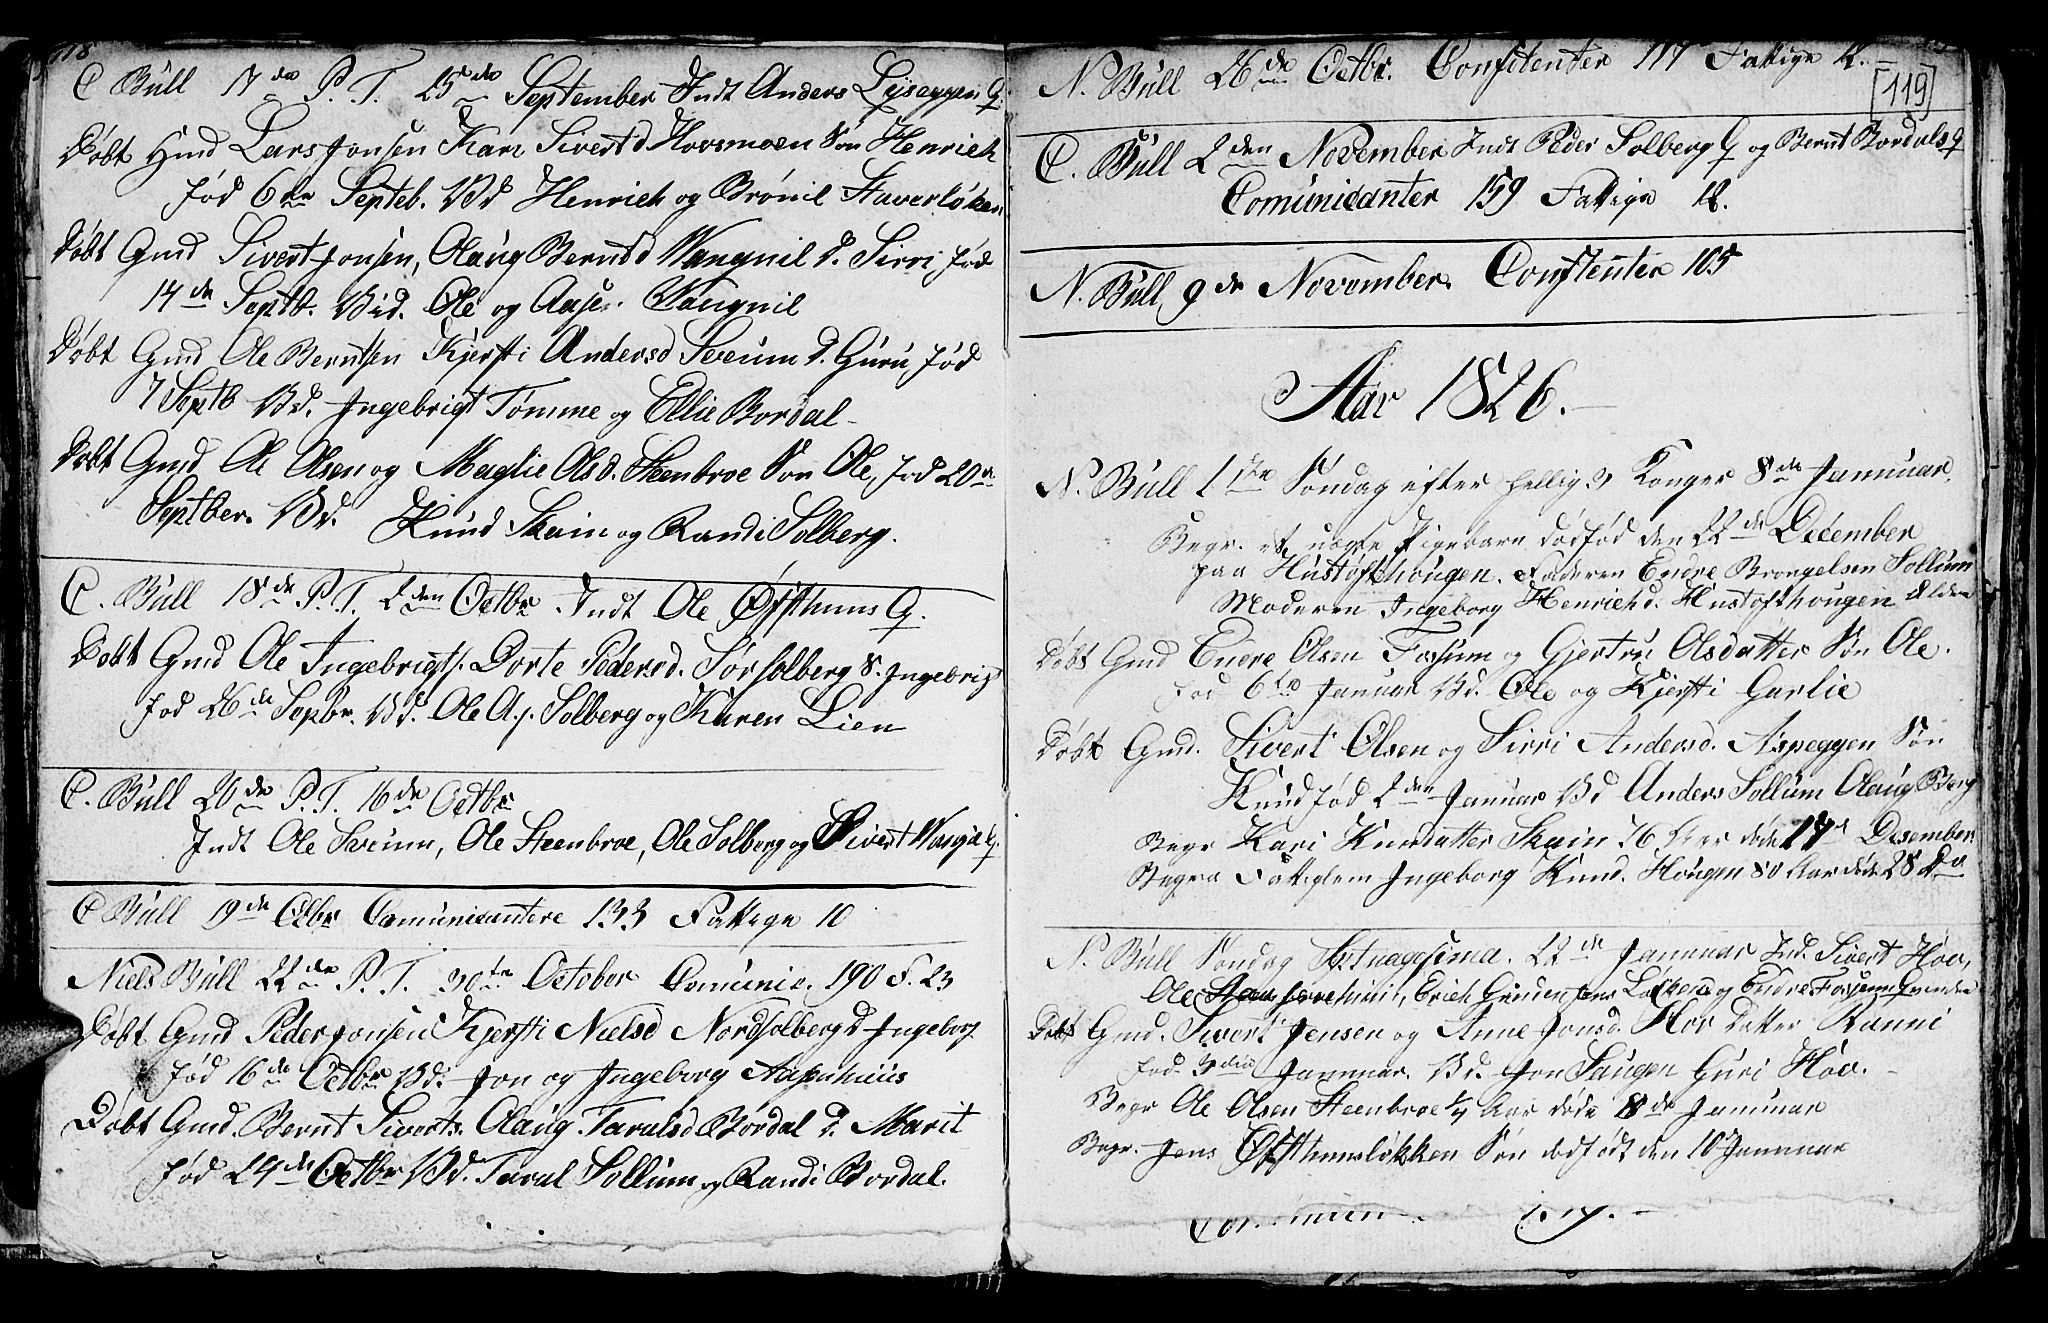 SAT, Ministerialprotokoller, klokkerbøker og fødselsregistre - Sør-Trøndelag, 689/L1042: Klokkerbok nr. 689C01, 1812-1841, s. 118-119